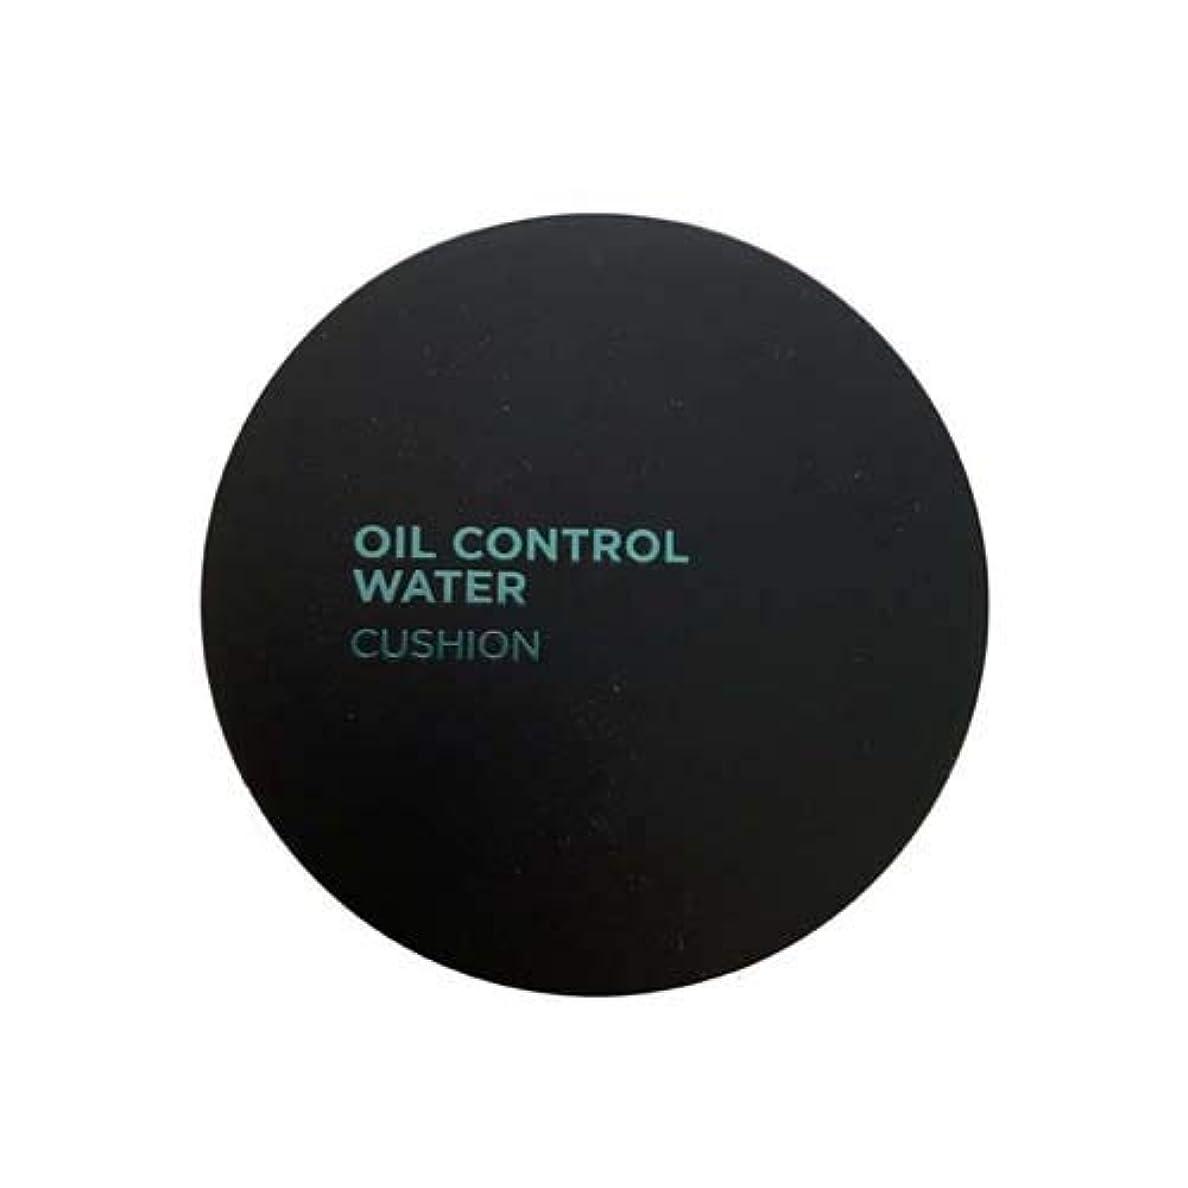 単調なめる保持する[ザ?フェイスショップ] THE FACE SHOP [オイルコントロール水分クッションEX SPF50+ PA+++15g] Oil Control Water Cushion EX 15g [海外直送品] (V203 Natural Beige)